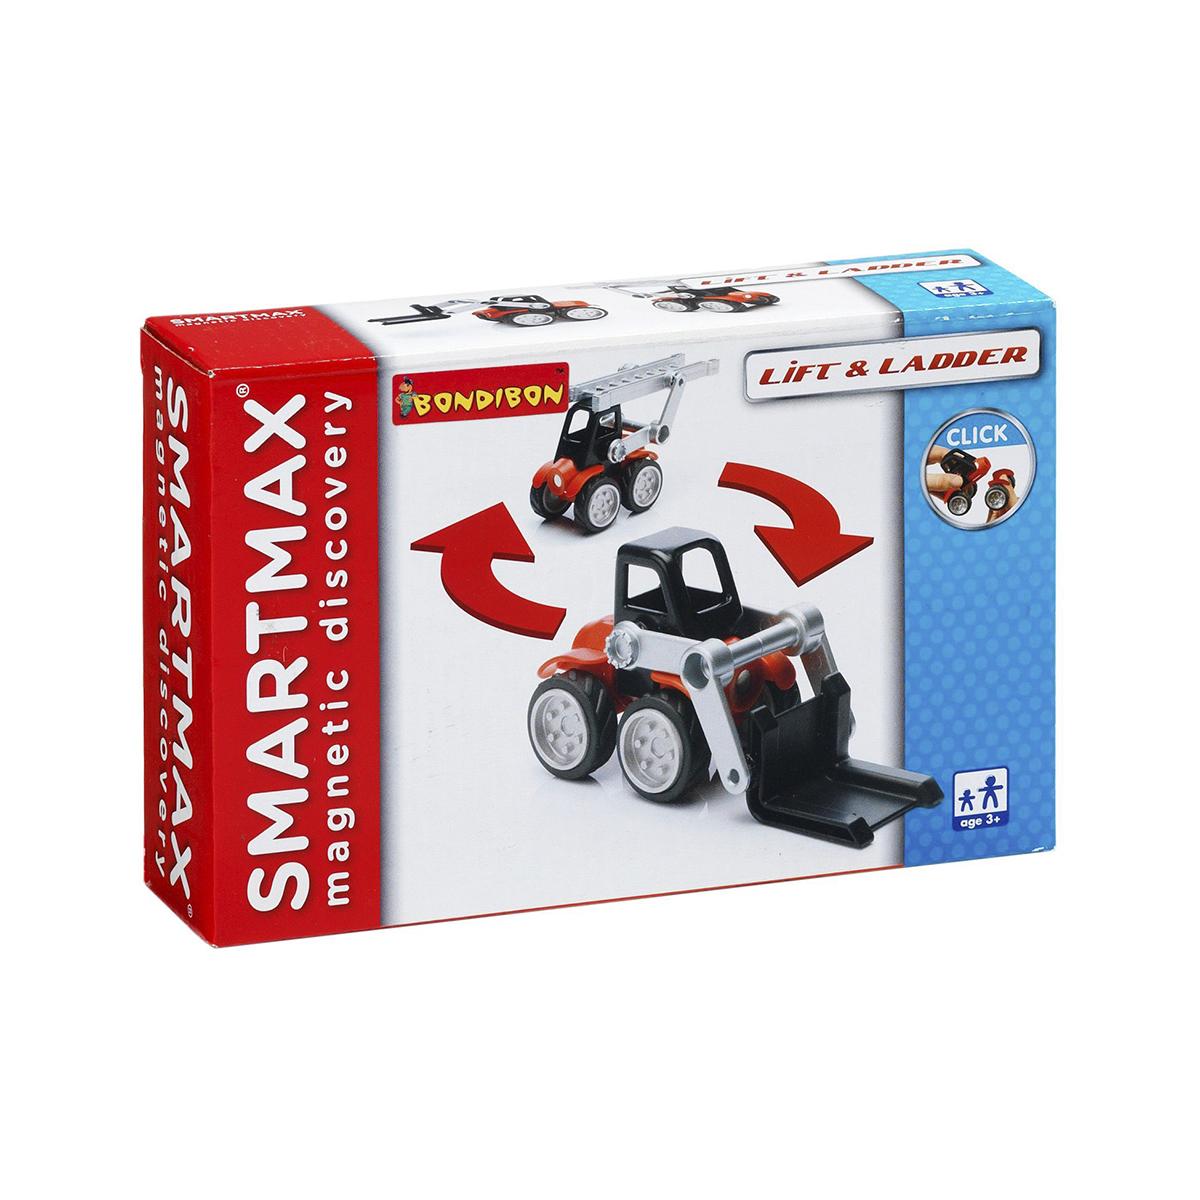 Bondibon Конструктор магнитный Smartmax СпецтехникаВВ0901Вам хочется угодить ребенку так, чтобы удовлетворить его потребность в пополнении спецтехники в его игрушечном гараже, еще одним конструктором и свою потребность в свободном времени? Значит, вам точно нужен именно такой конструктор! Благодаря крупным и легким деталям этот конструктор подходит для детей уже от 3 лет. В набор «Спецтехника» входит 7 деталей: 1 магнитная палочка SmartMax (короткая, 7 см); 2 пары колес; 1 кабина грузового автомобиля; 1 подъемник; 1 вилы погрузчика; 1 лестница. Колеса закреплены на металлической оси и обуты в настоящие резиновые шины. Детали, не содержащие магнитов, имеют простые и удобные крепления. Палочка имеет оболочку, сделанную из высококачественной пластмассы, и сердцевину – достаточно сильный магнит. Магнит держится внутри очень прочно, и его выпадение во время игры исключено. Этот мини-набор прекрасно подходит для первого знакомства ребенка с магнитными конструкторами. По картинке он соберет 2 модели: пожарную машину с лестницей и...